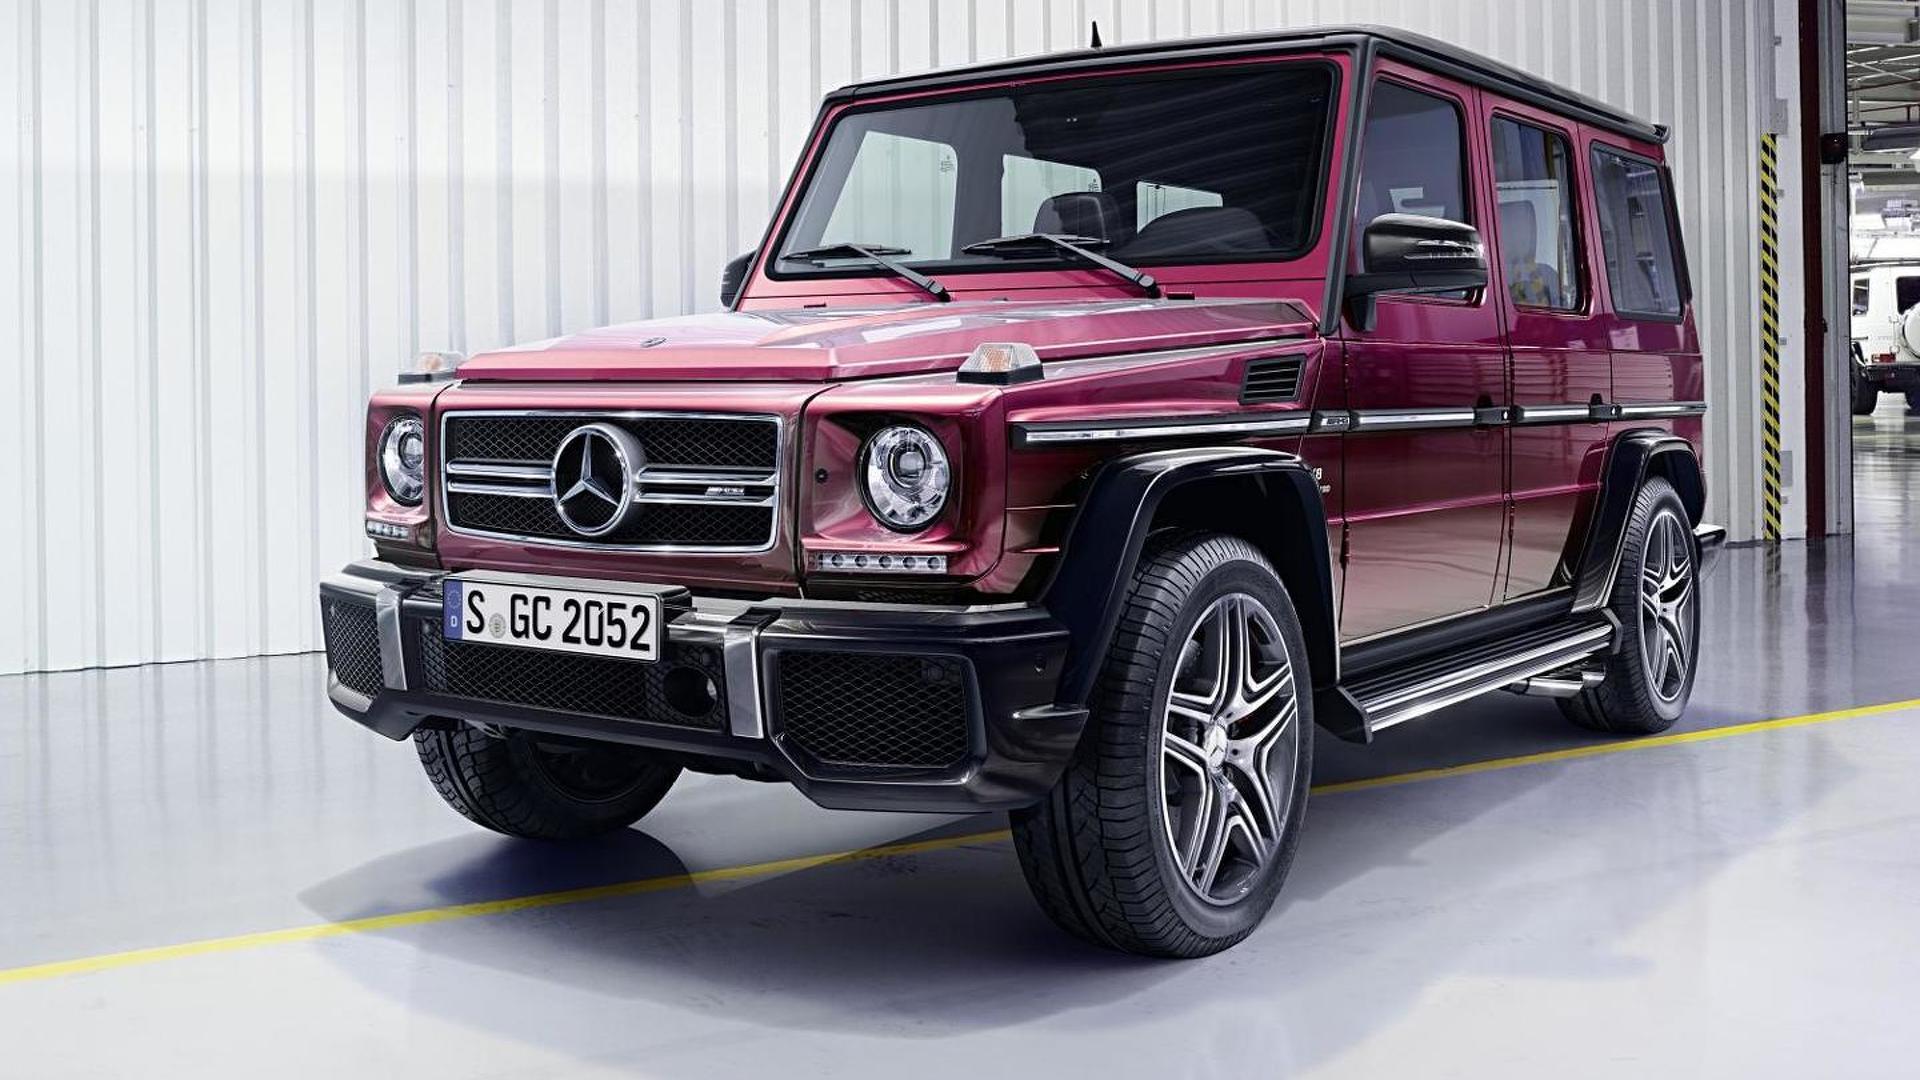 Mercedes Benz G Class News And Reviews